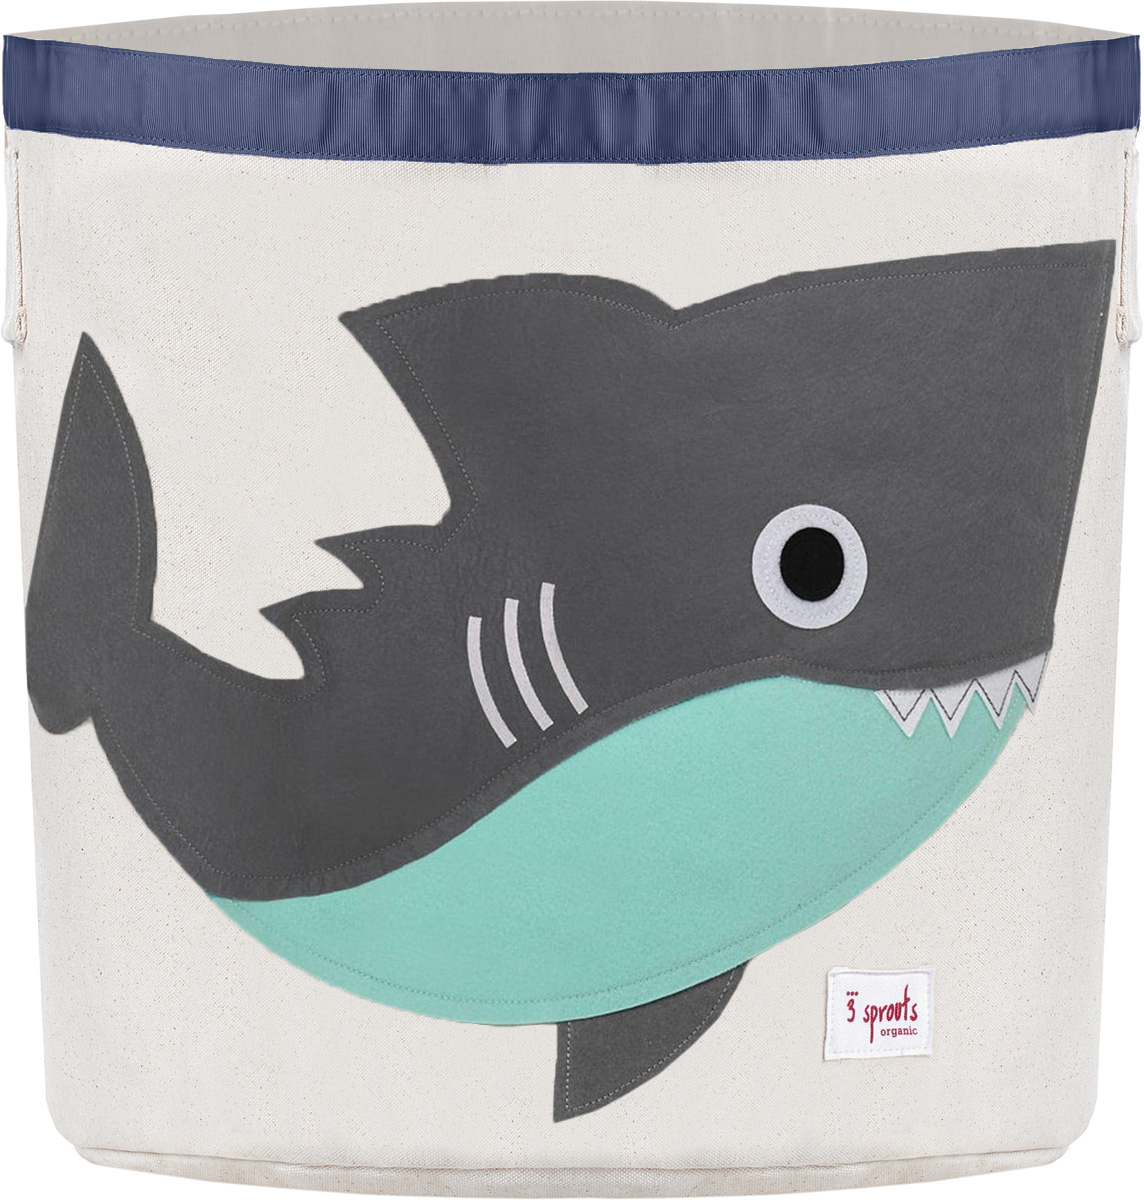 3 Sprouts Корзина для хранения Серая акула1004900000360Универсальная корзина для хранения 3 Sprouts Серая акула поможет вам навести порядок в детской.Размер корзины позволяет хранить в ней игрушки, книжки или белье. Корзина легко складывается, когда в ее использовании нет необходимости, тем самым сохраняя простор вашего дома. Корзина для хранения вещей - идеальный подарок для новорожденных, младенцев и детей.